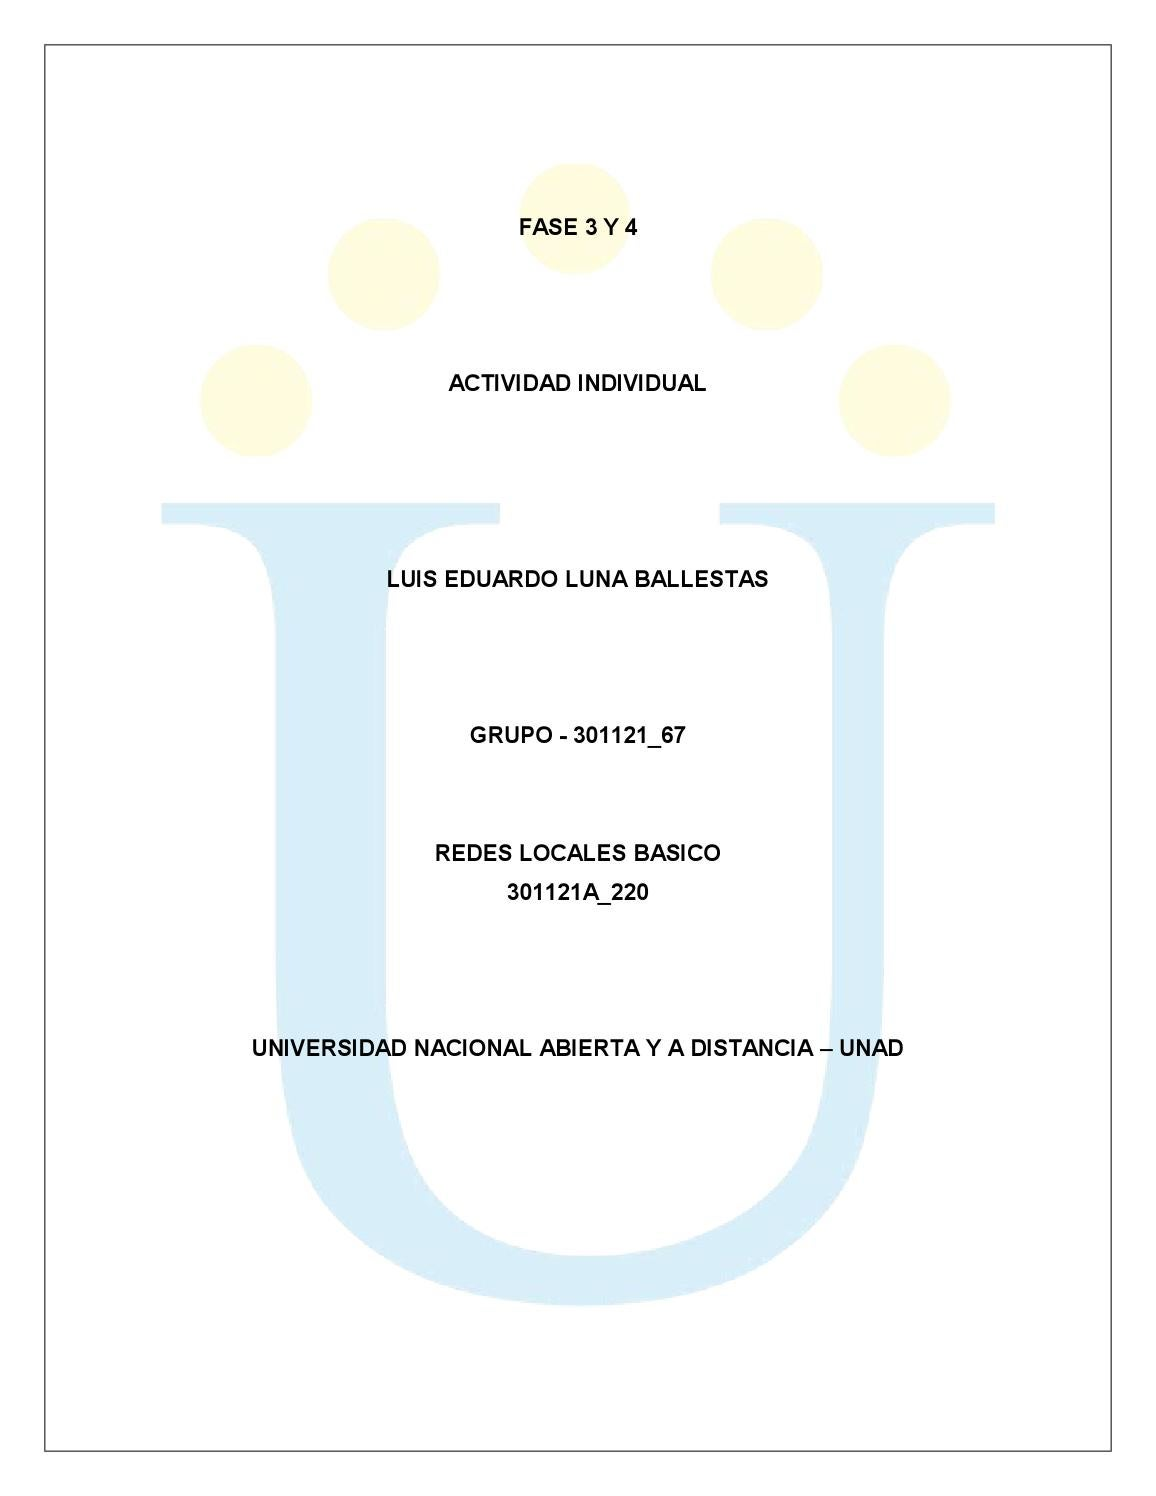 Actividad Individual Redes Básico Fase 3 Y 4 by Luis Eduardo - issuu